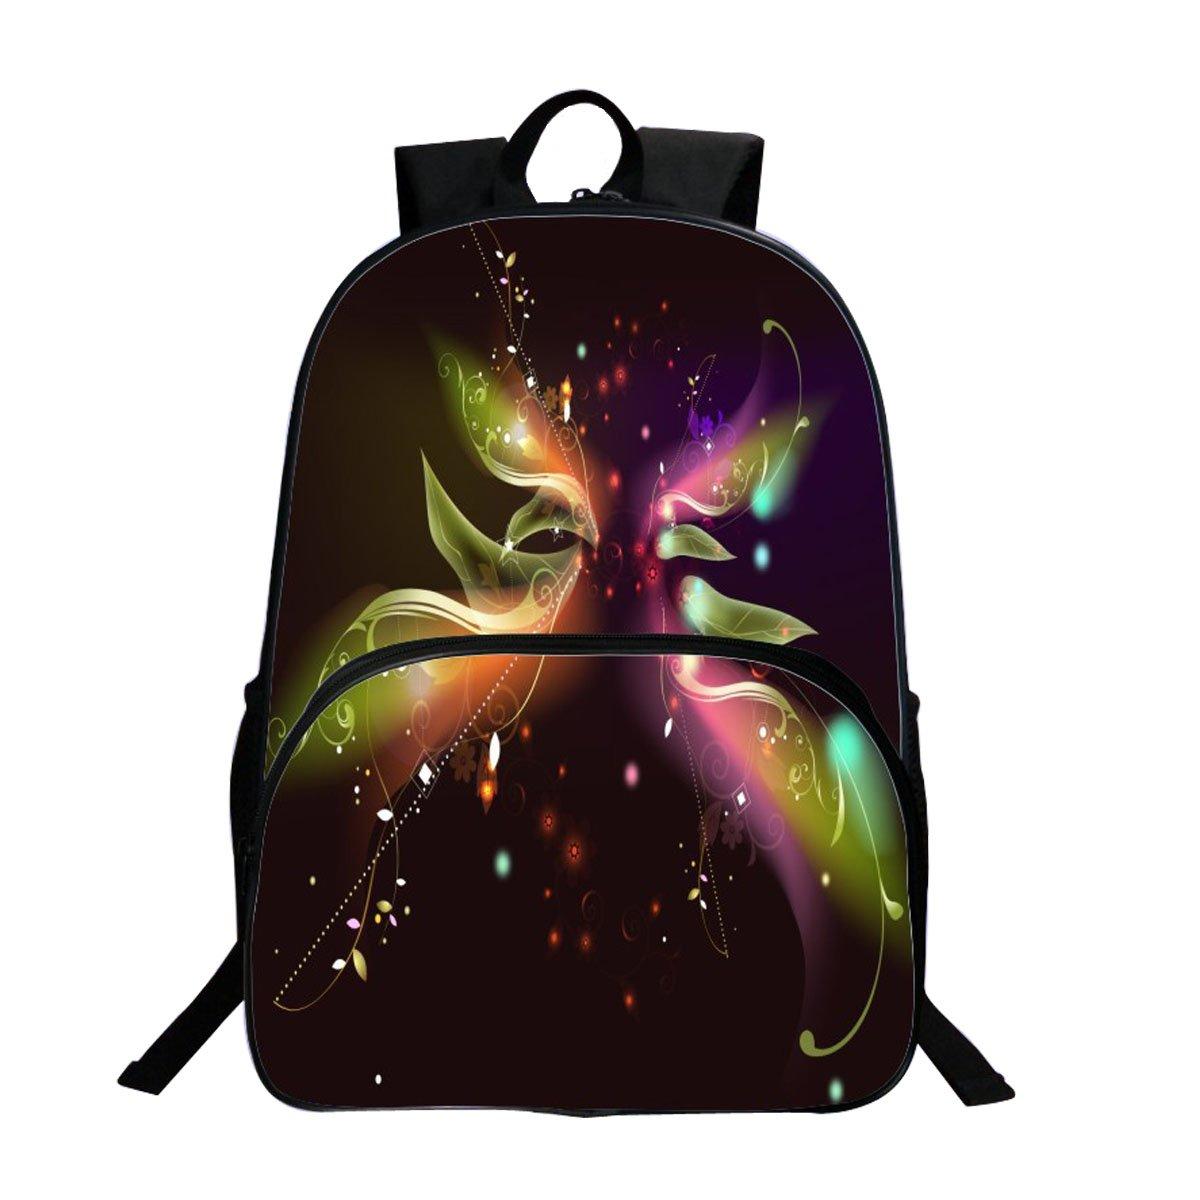 Sac à dos Sac de Loisirs Unisexe Univers Mode Sacs Bandoulière Galaxy 3D Peinture Textile Sacs à Dos Voyage a étudiant Bleu (Elfes) Trinny